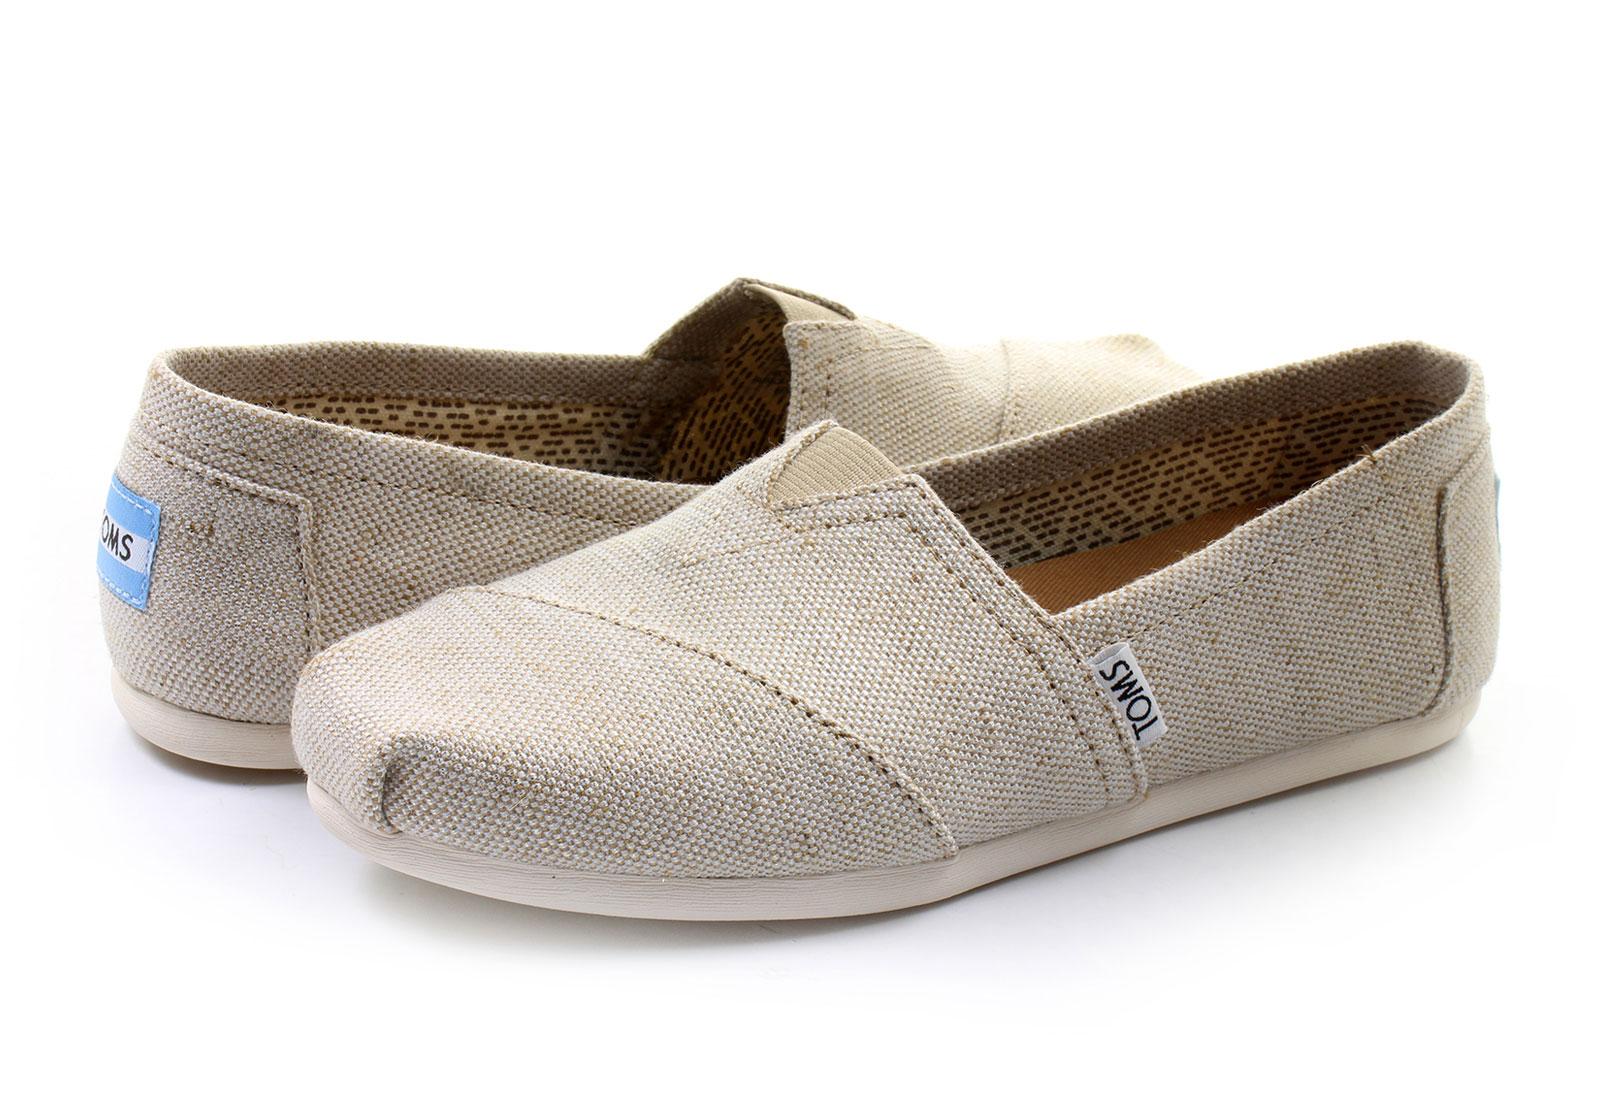 014e8b5271a Toms Cipő - Alpargata - 10008015-nat - Office Shoes Magyarország